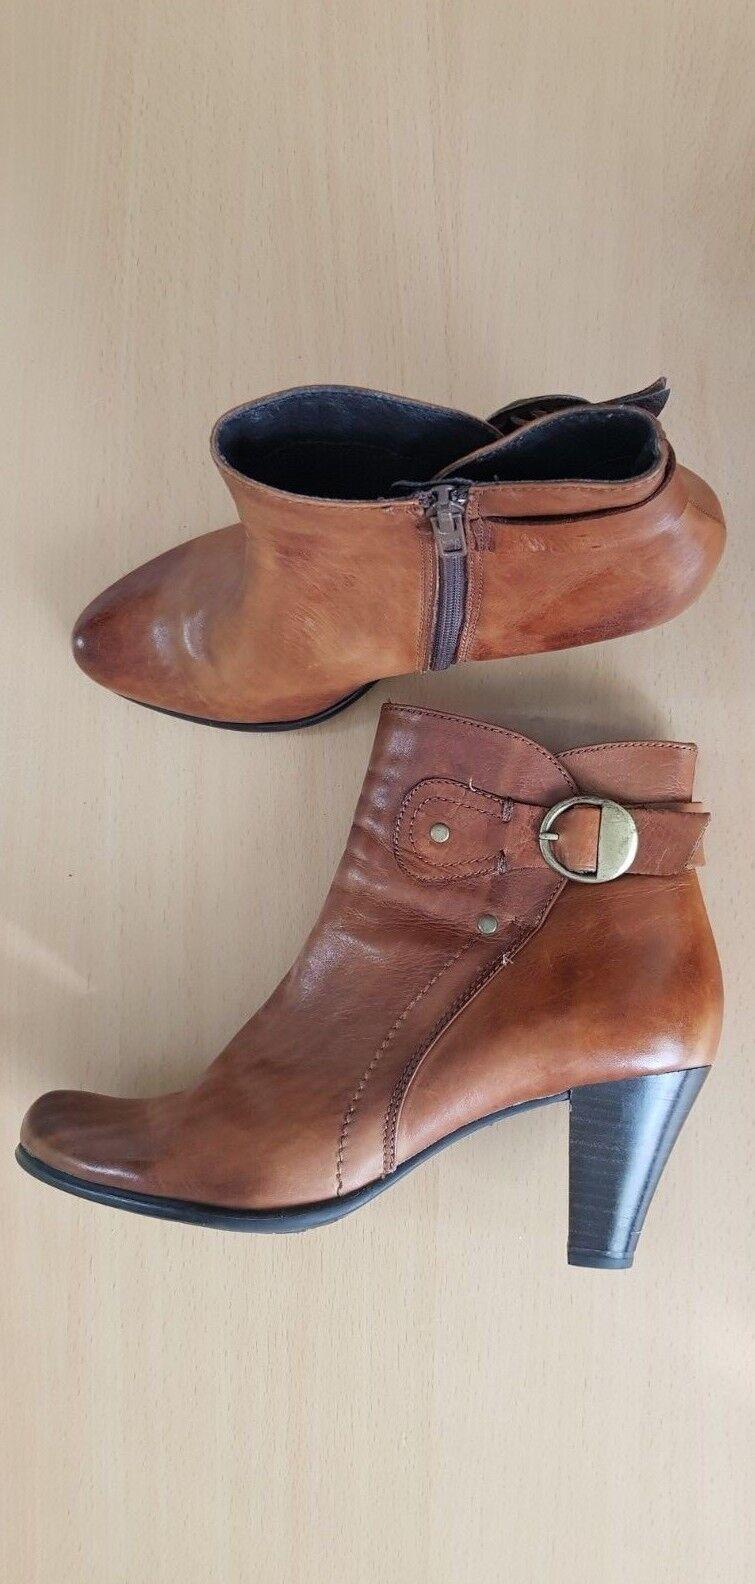 GÖRTZ Schuhe Damen Stiefel Stiefeletten Stiefel Pumps Leder Gr.39 TOP